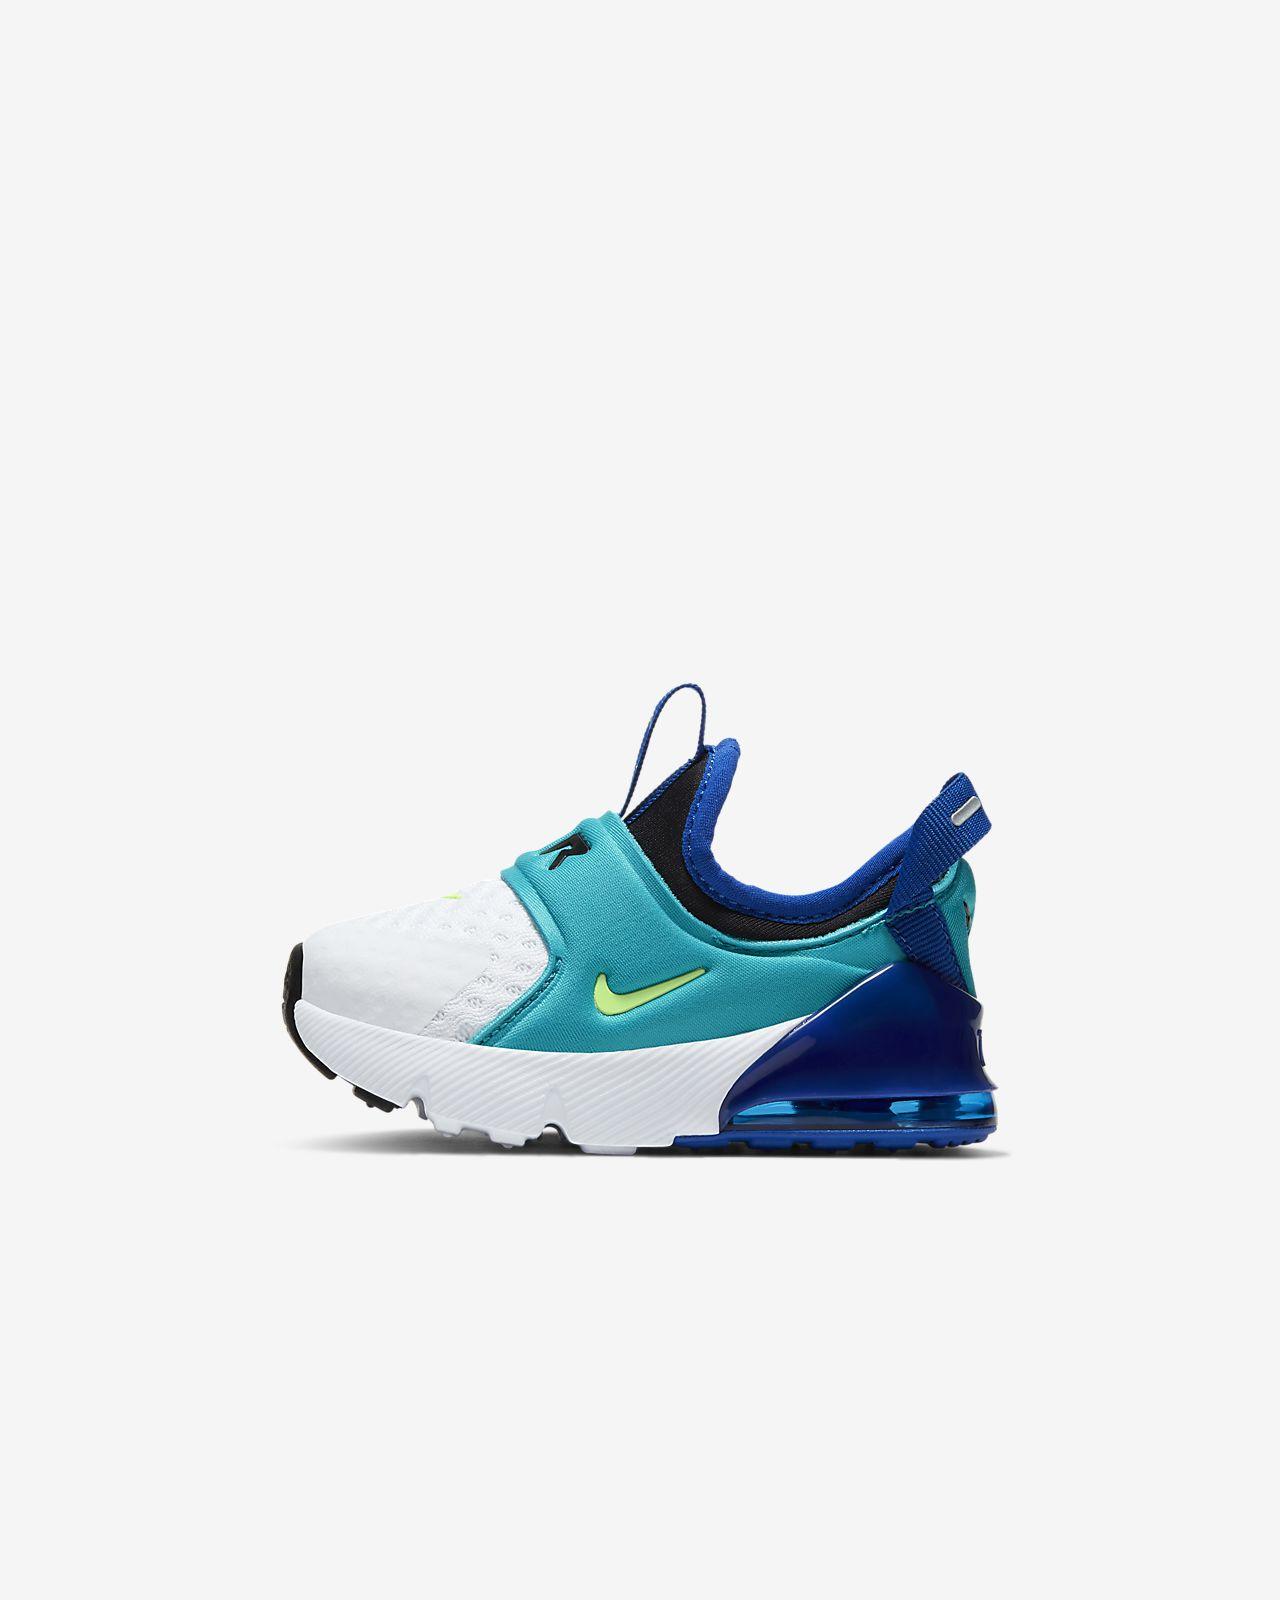 Sko Nike Air Max 270 Extreme f?r babysm? barn